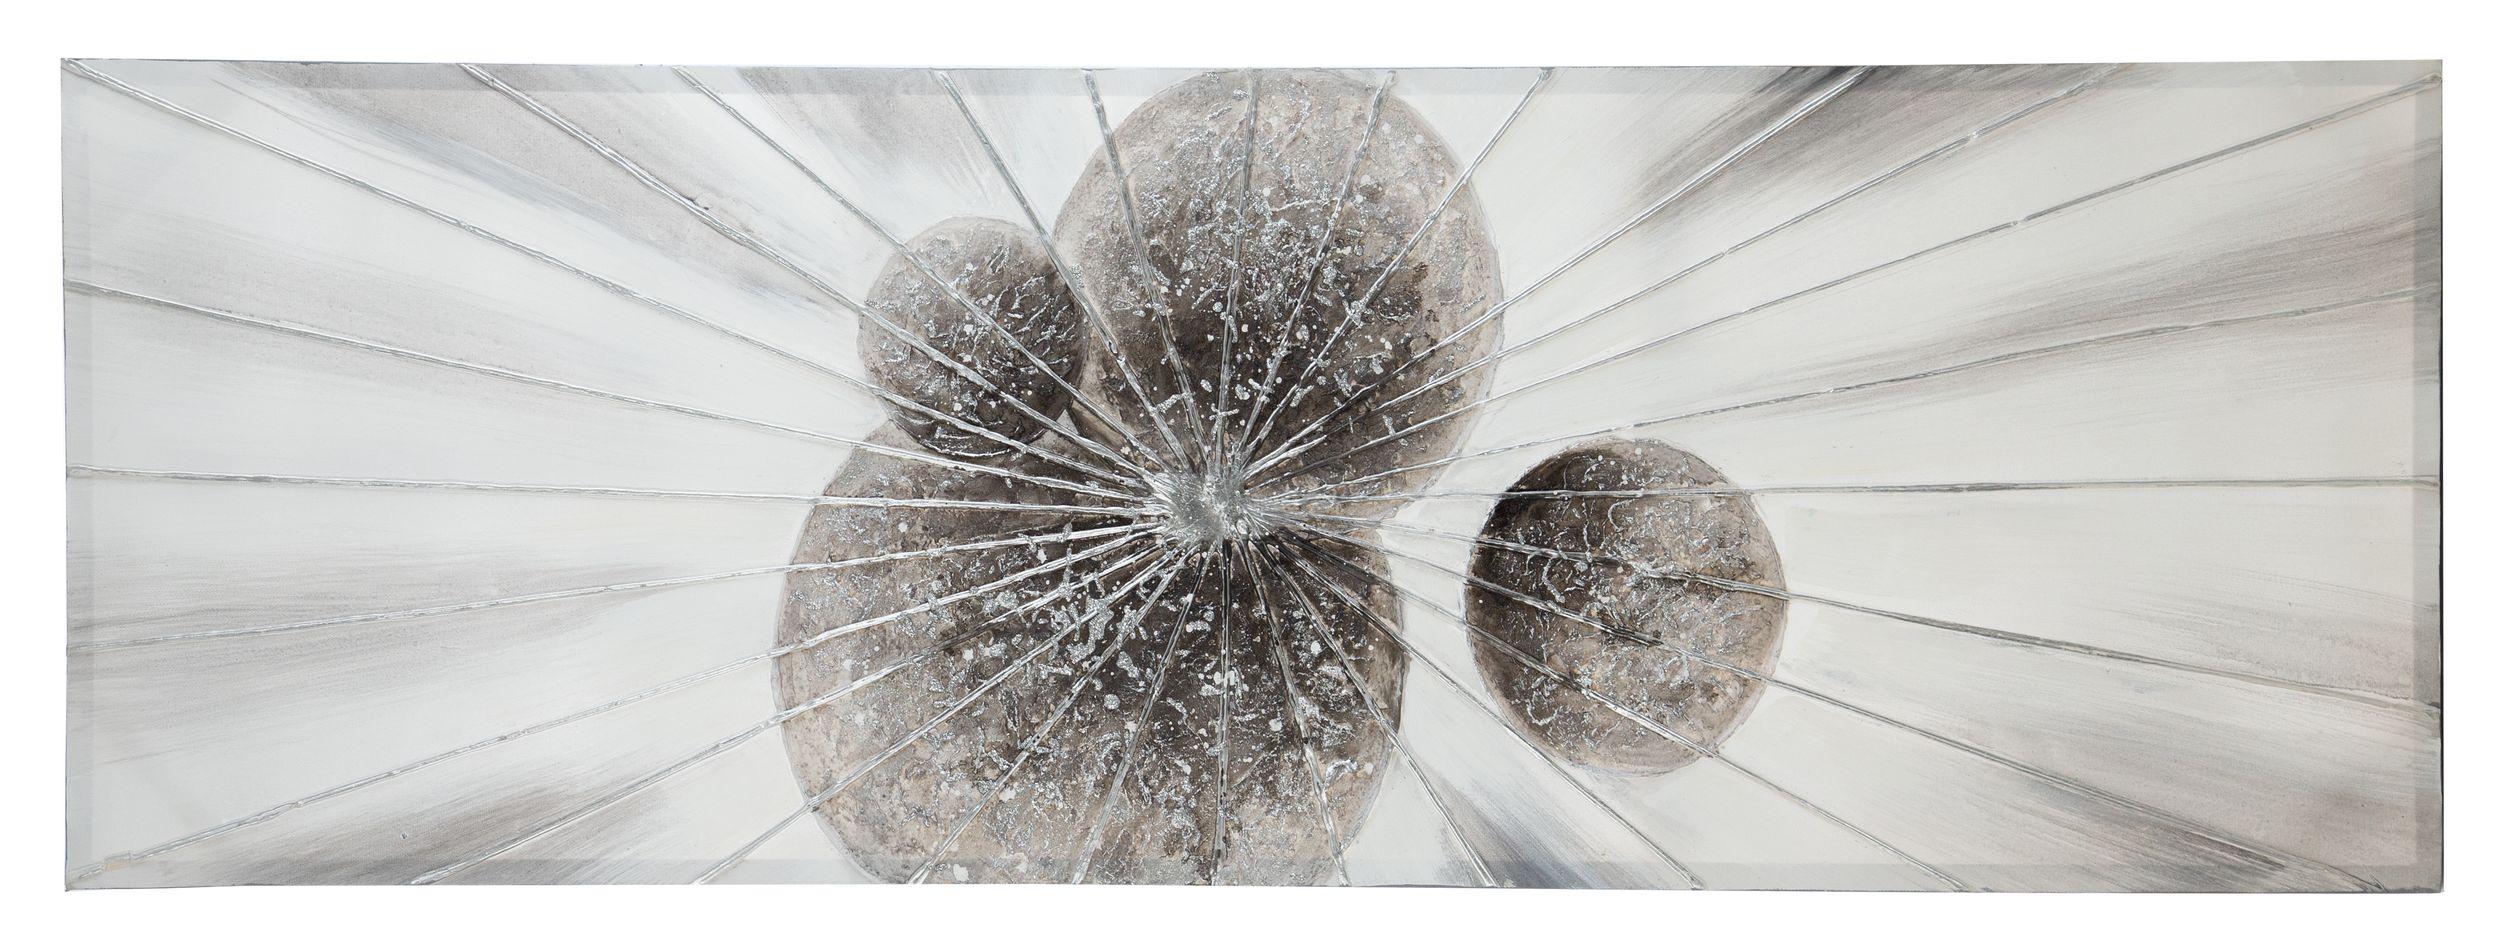 Leinwandbild 40x80cm ORIGINAL NESTO, SHINING